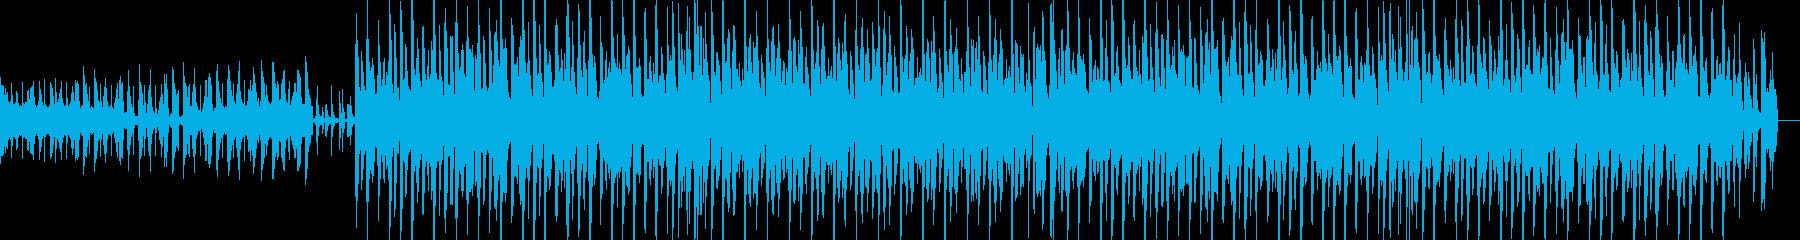 ノリの良いレトロモダンなBGMの再生済みの波形